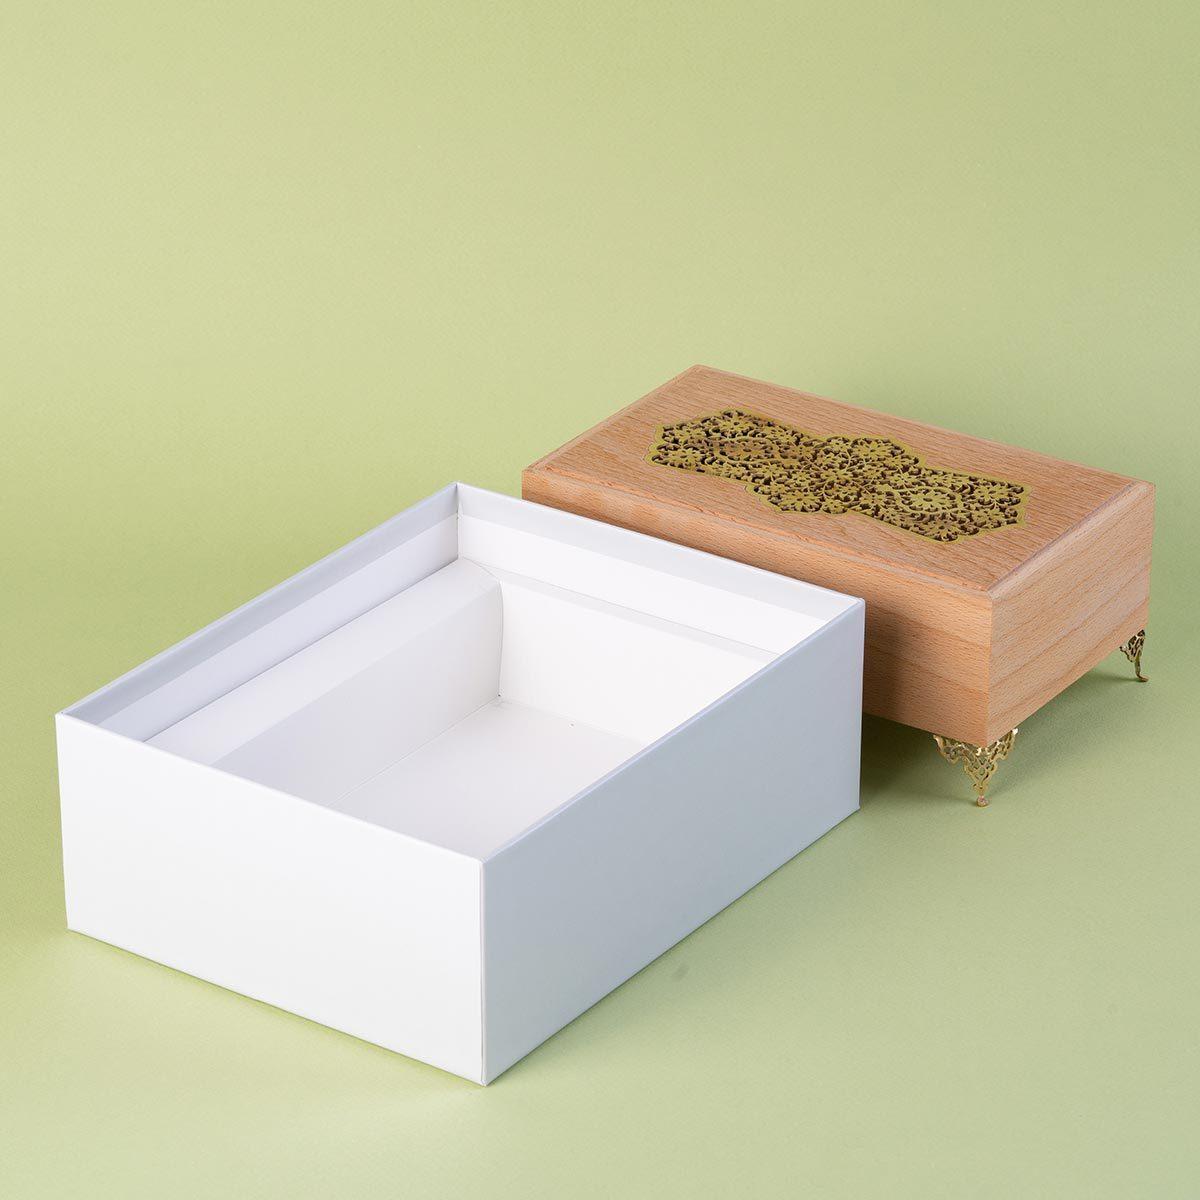 جعبه گوهری از مجموعه ست اداری ملک